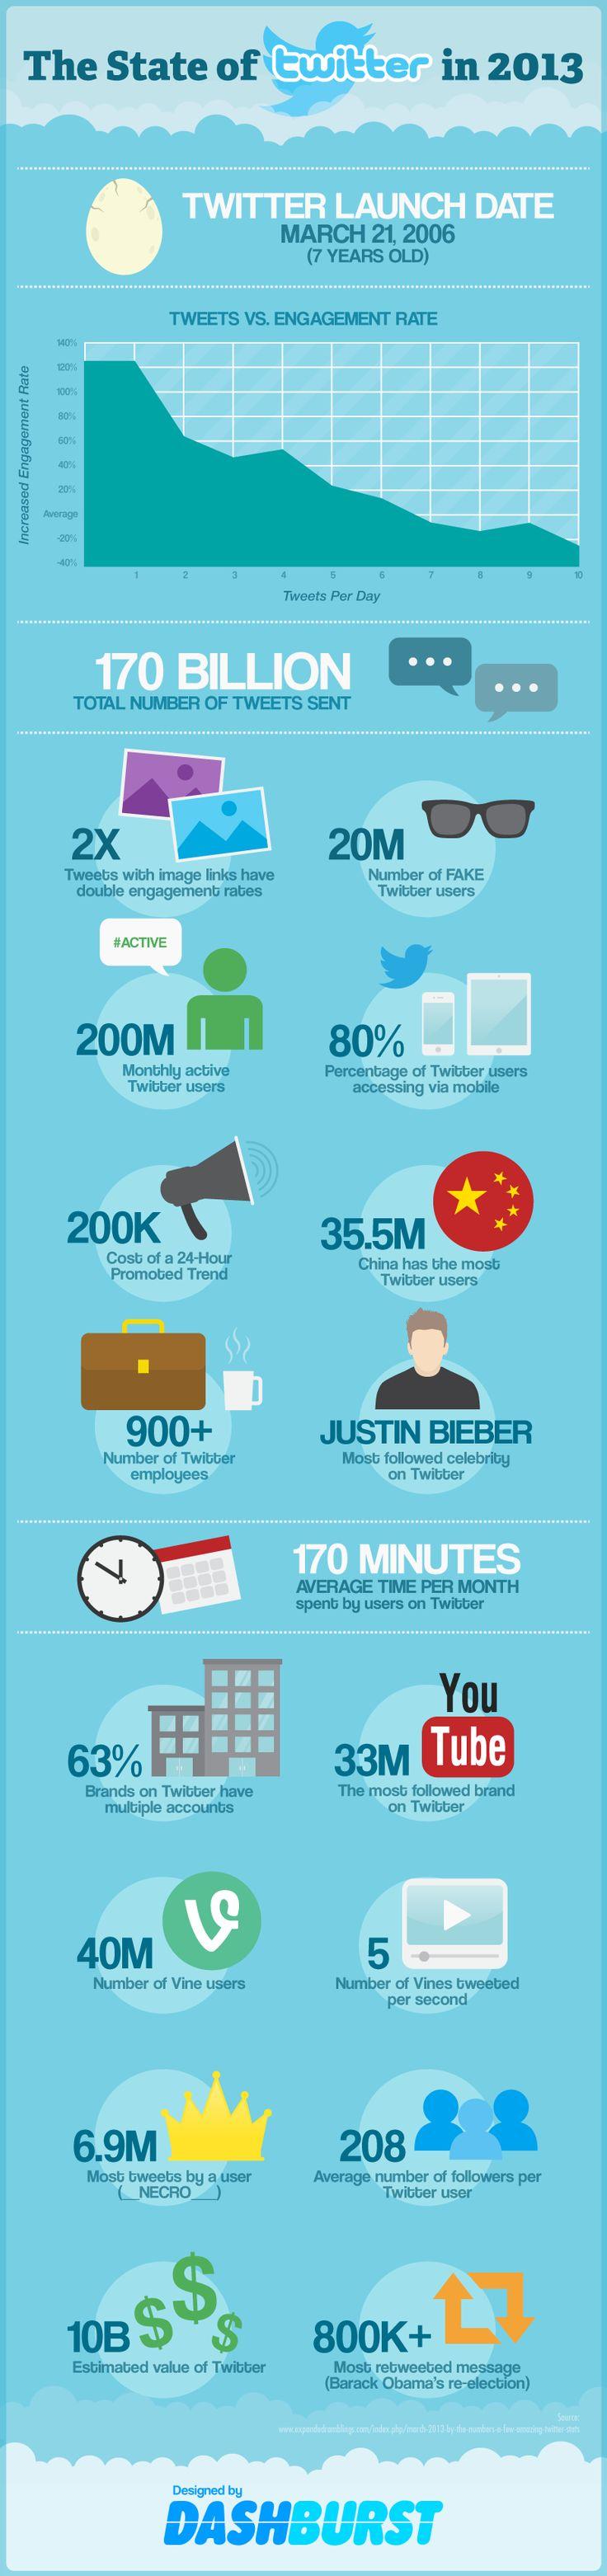 2013 年 推特 概況介紹 資訊圖表The State of Twitter in 2013 [INFOGRAPHIC]